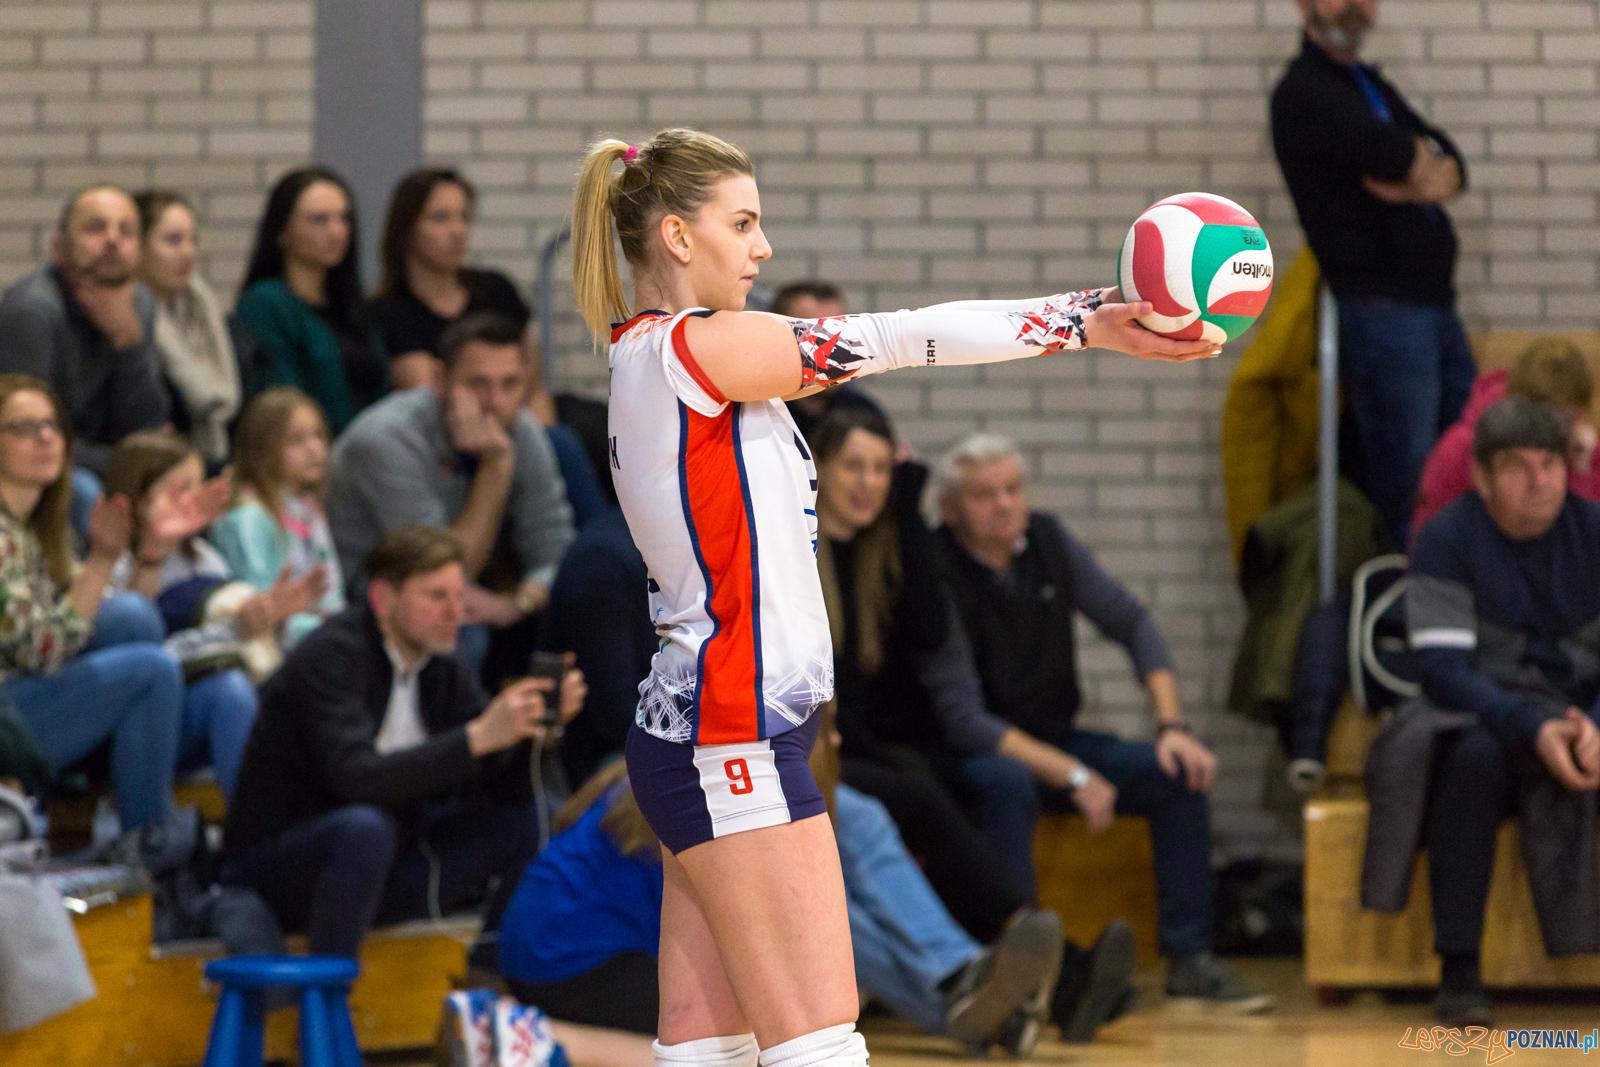 PlayOff: Enea Energetyk Poznań - Joker Mekro Świecie  Foto: lepszyPOZNAN.pl/Piotr Rychter